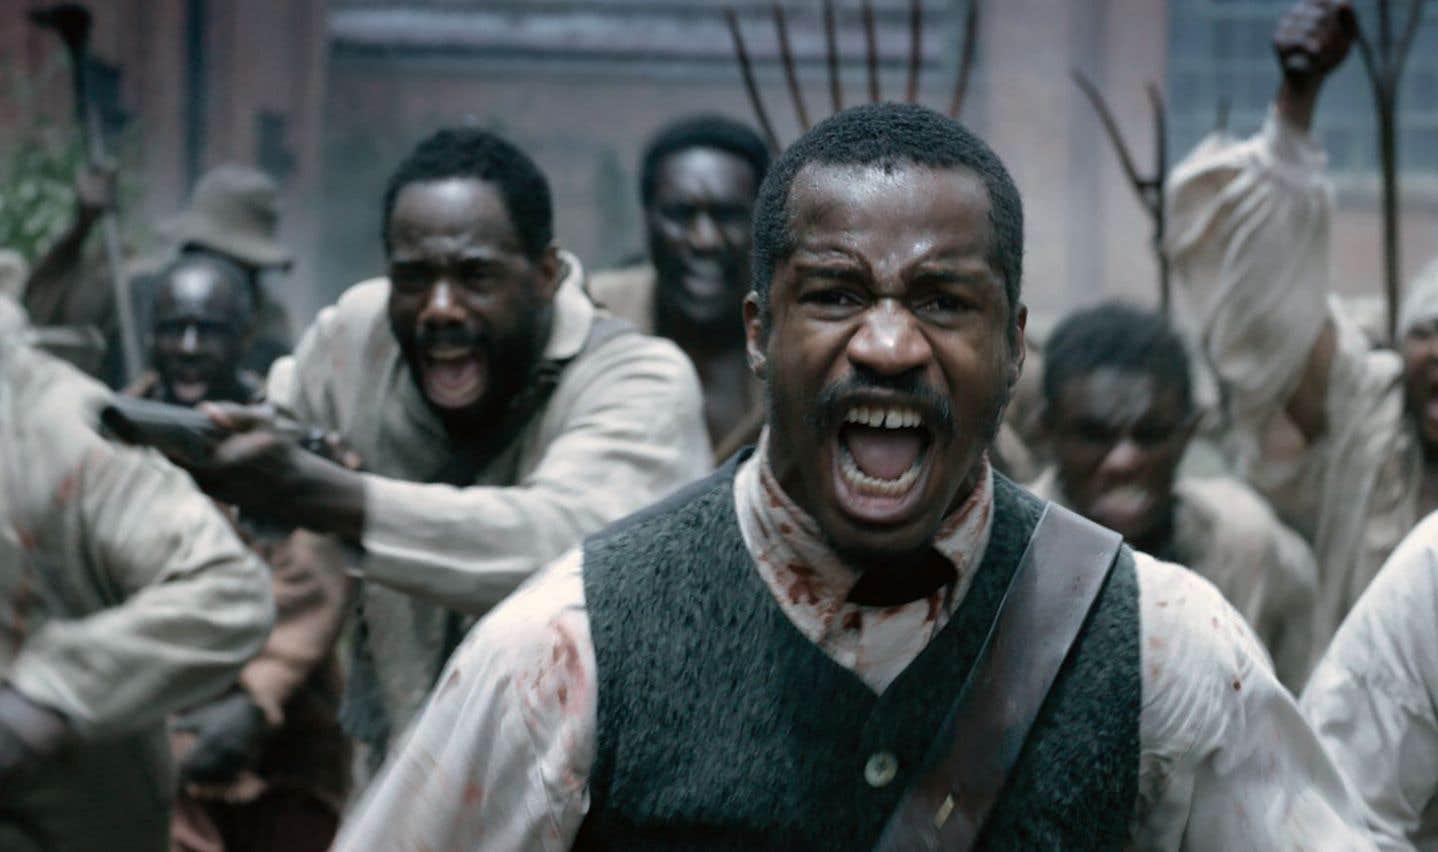 Dans Birth of a Nation, Nate Parker, à la fois scénariste du film et acteur principal, incarne Nat Turner, leader d'une rébellion d'esclaves en 1841.